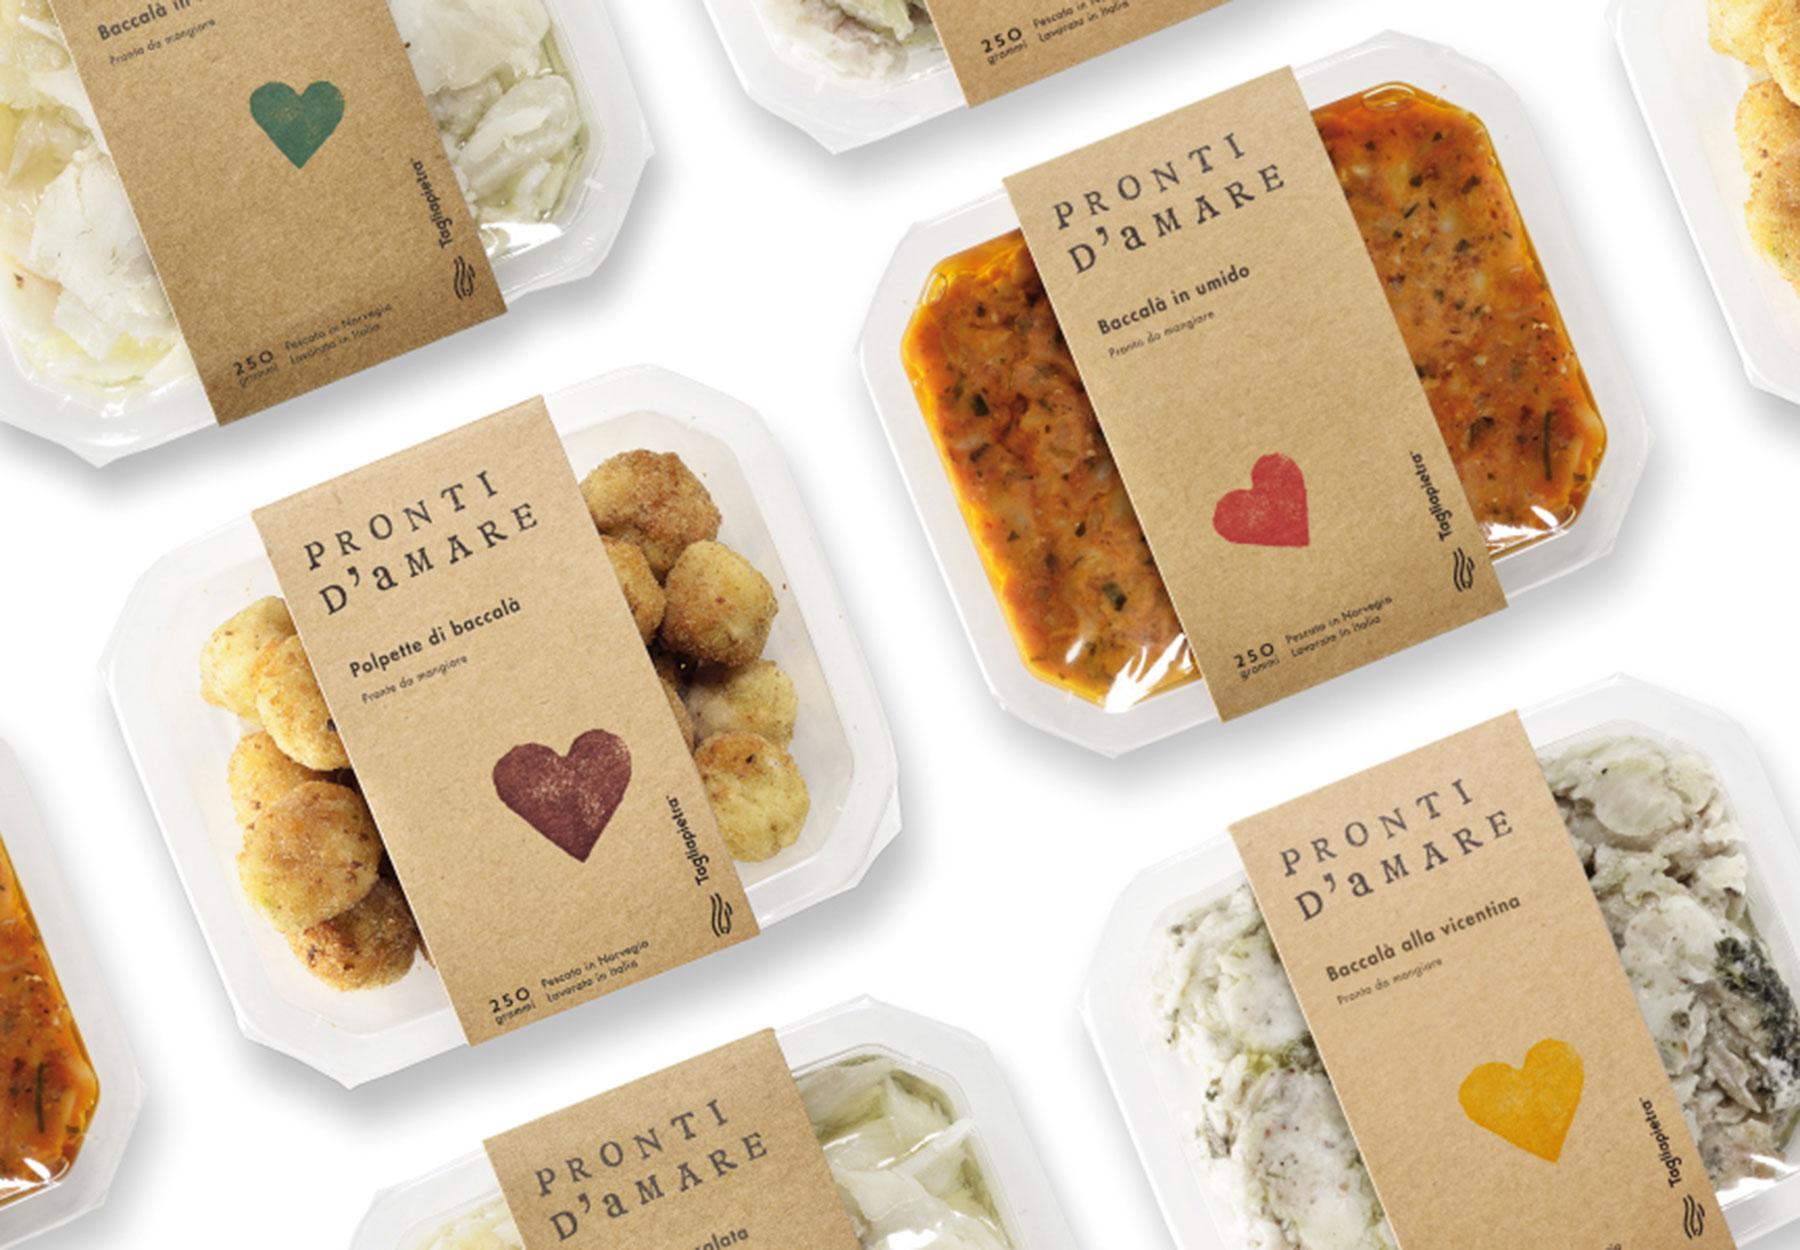 Progettazione Packaging Tagliapietra Dry Studio